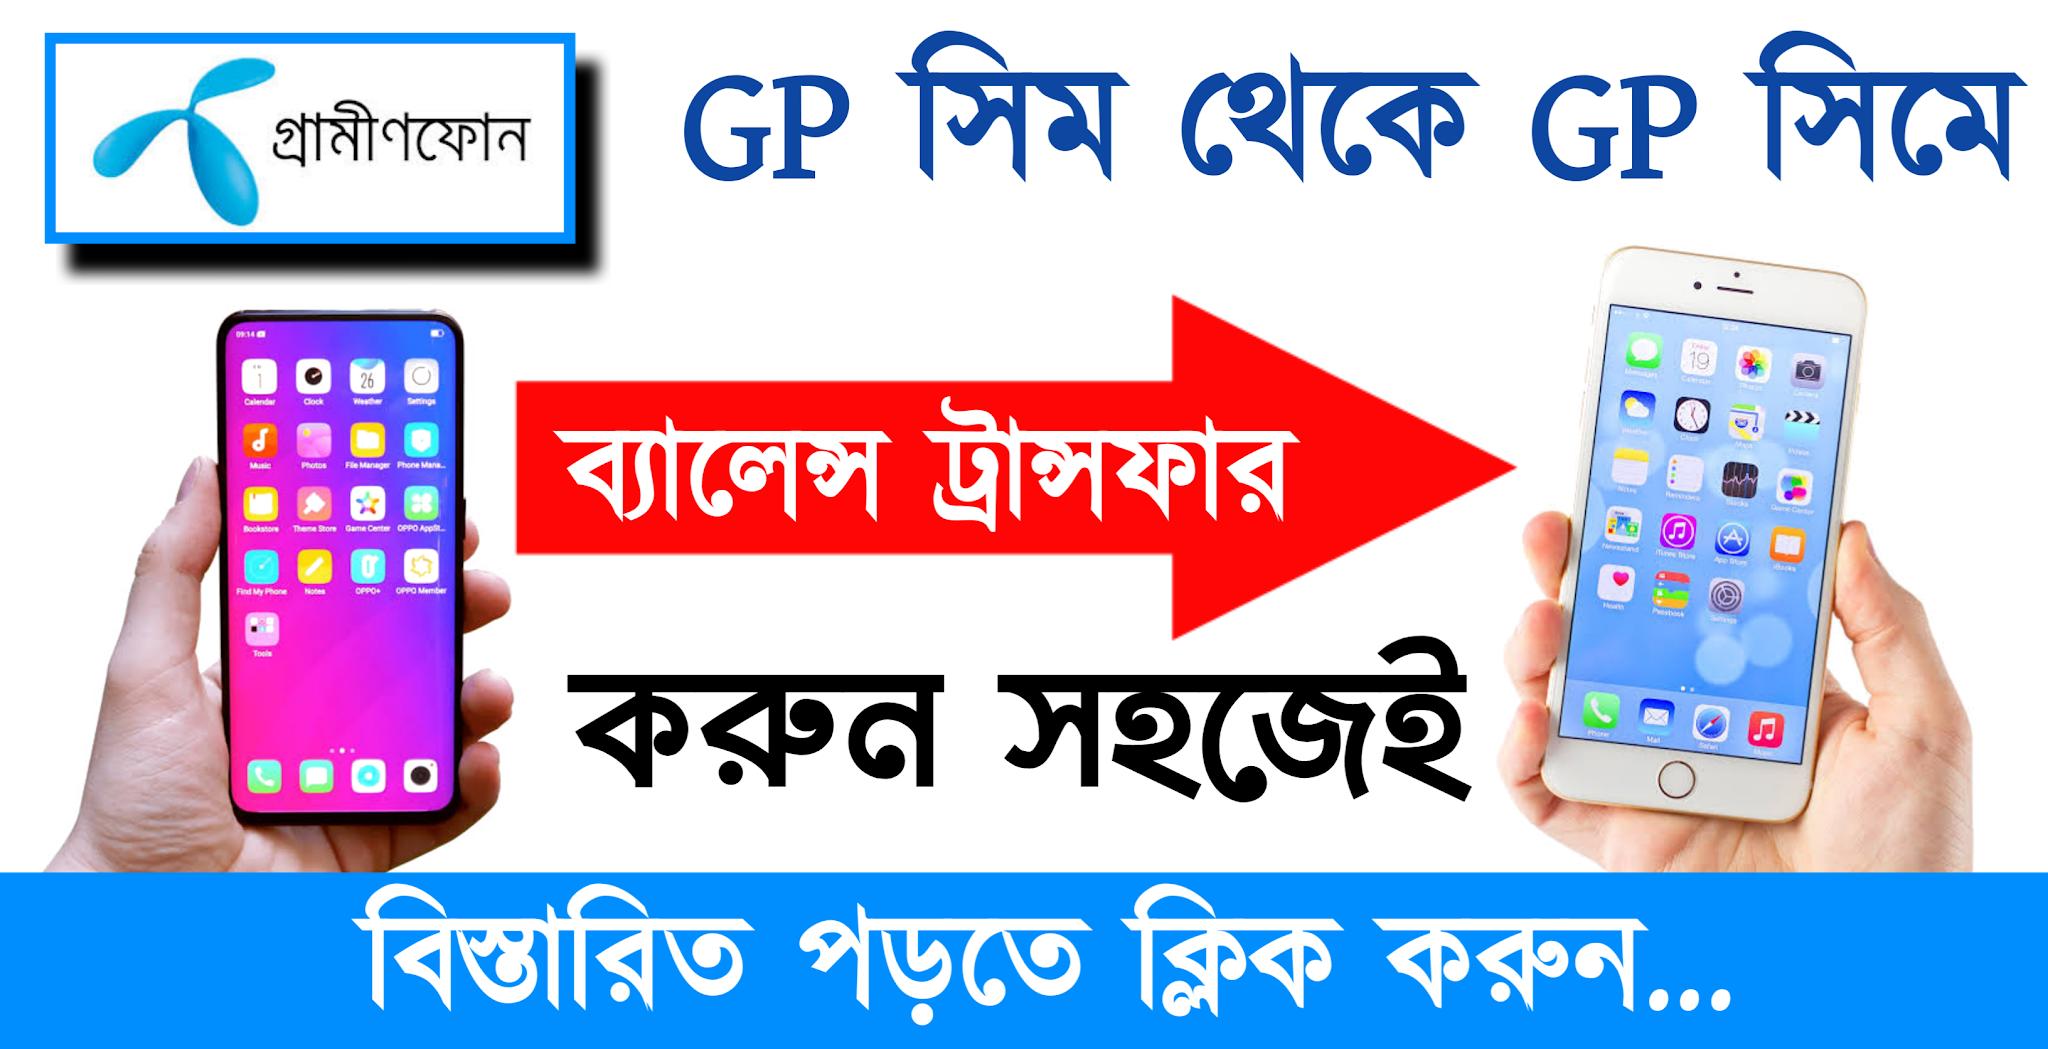 যেকোনো ফোন দিয়ে টাকা টান্সফার করুন GP to GP tk transfer any mobile